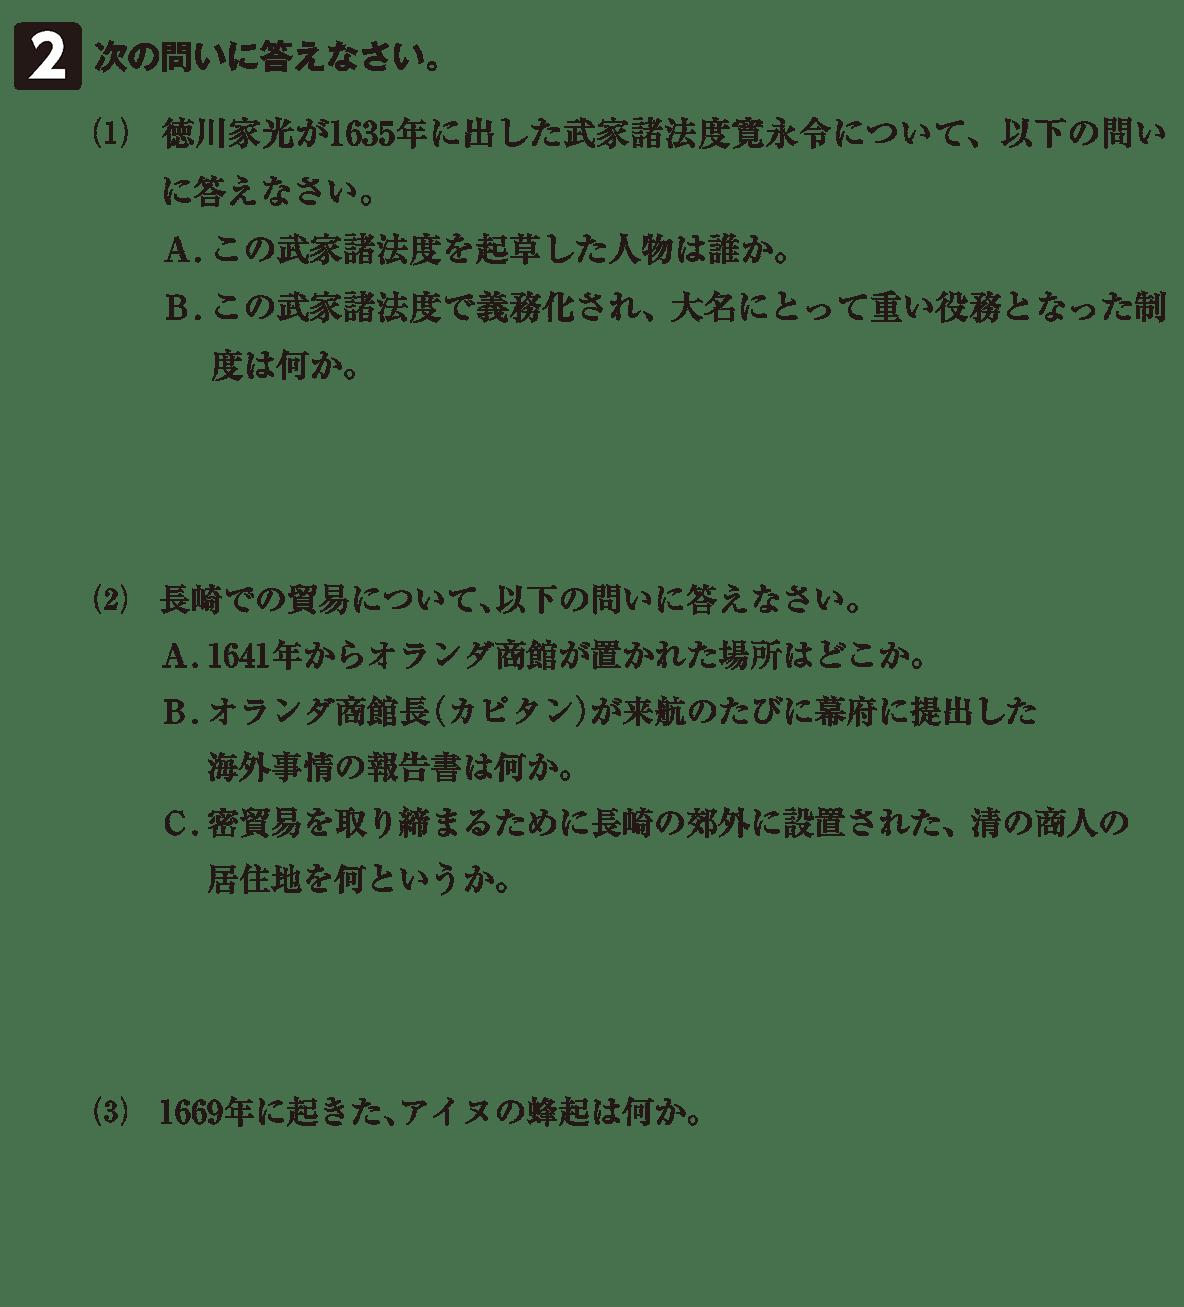 近世24 問題2 カッコ空欄